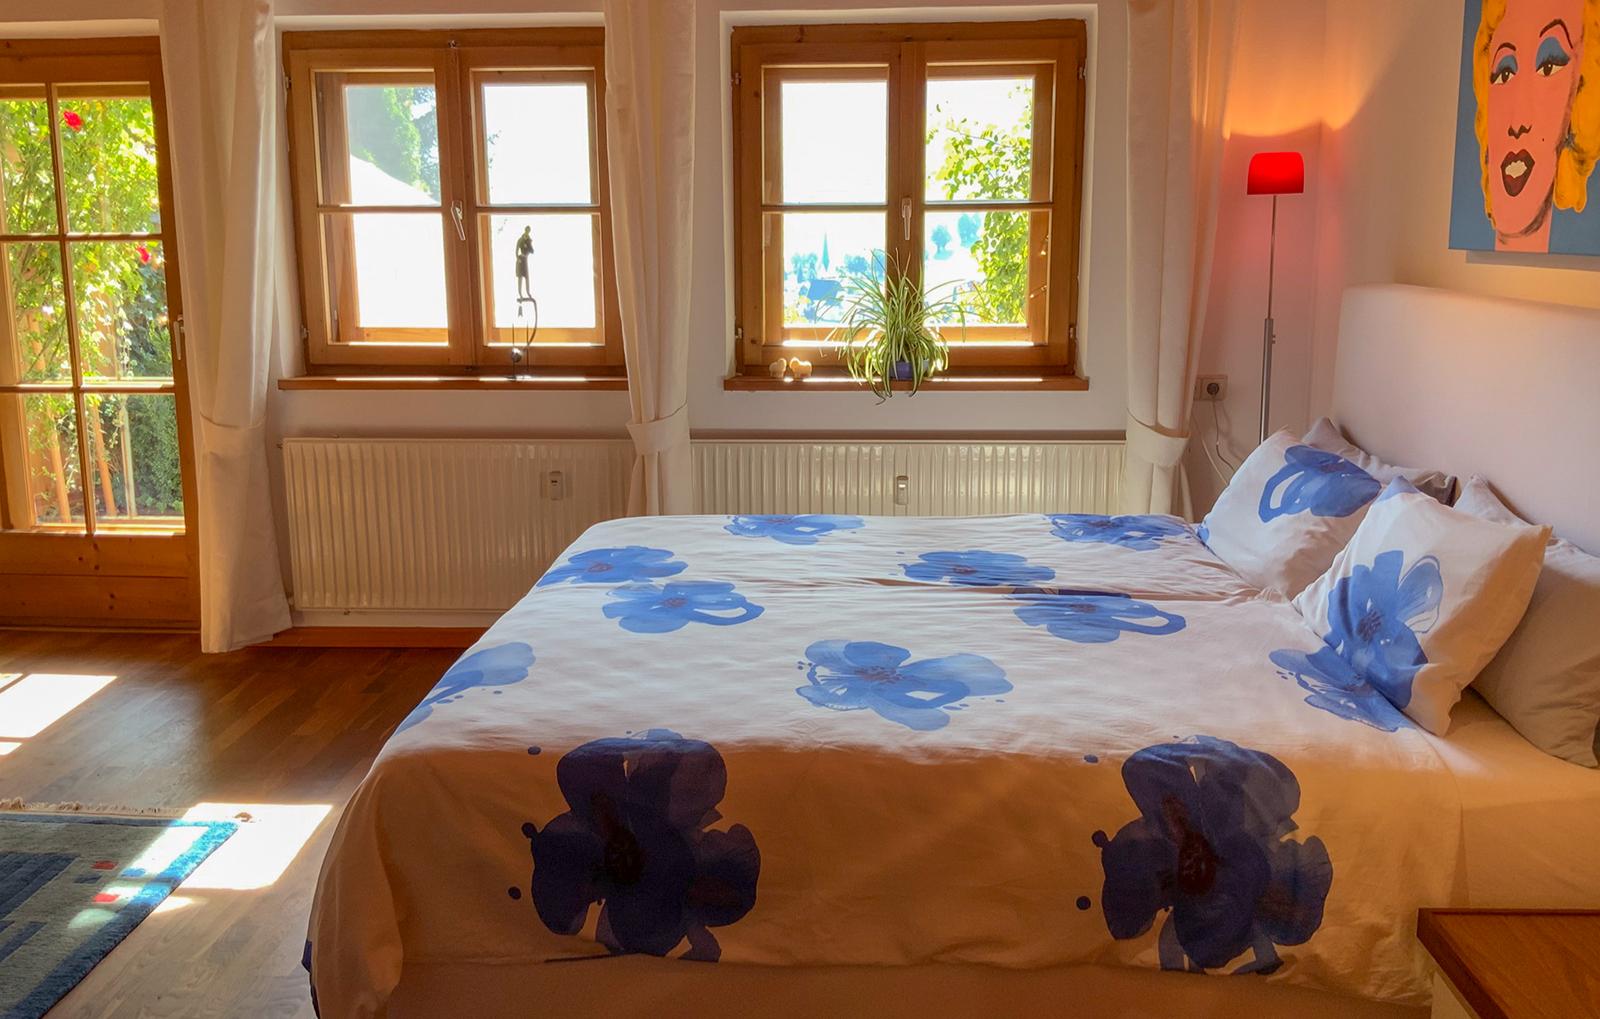 aussergewoehnlich-uebernachten-wildschoenau-bg41625732363